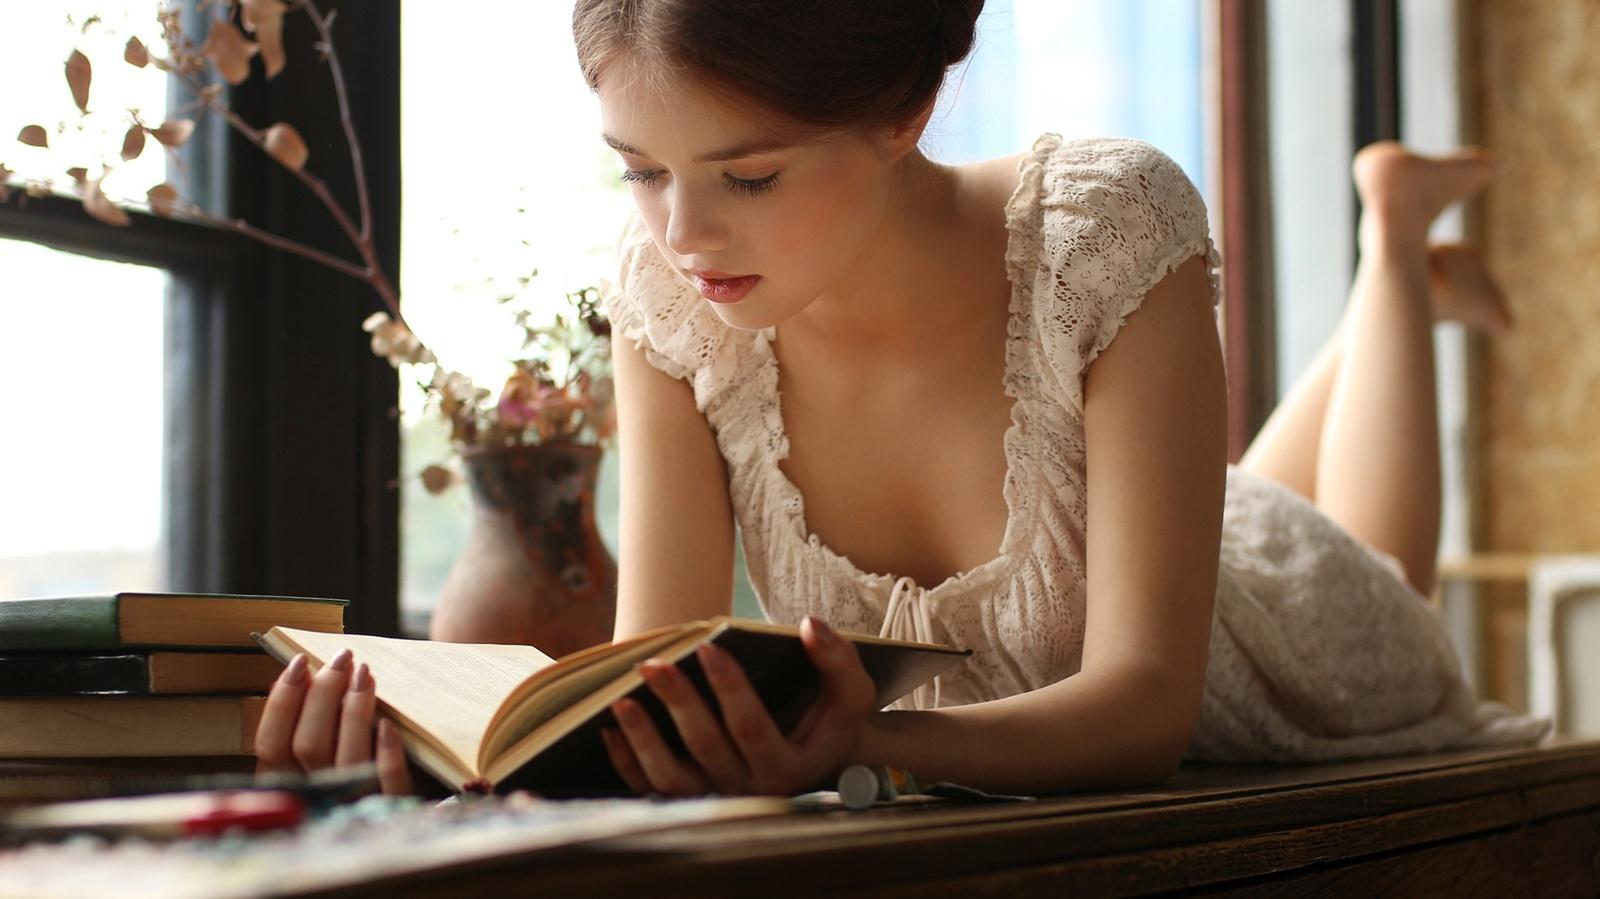 Эротическая библиотека читать онлайн, Эротические истории. Порно рассказы. Откровенные 16 фотография